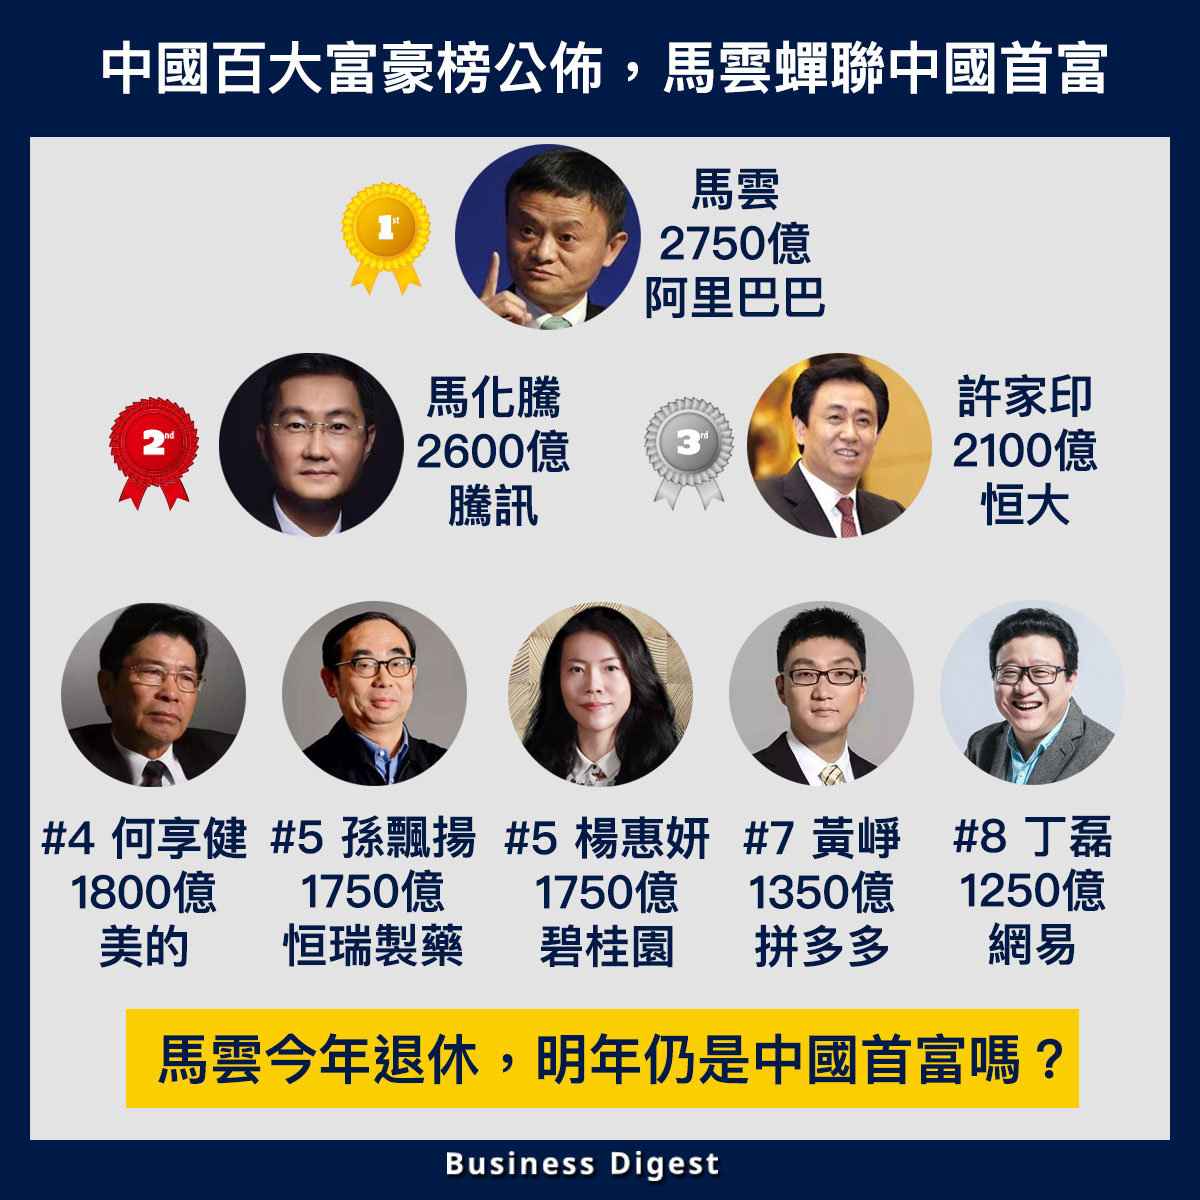 【商業熱話】中國百大富豪榜公佈,馬雲蟬聯中國首富